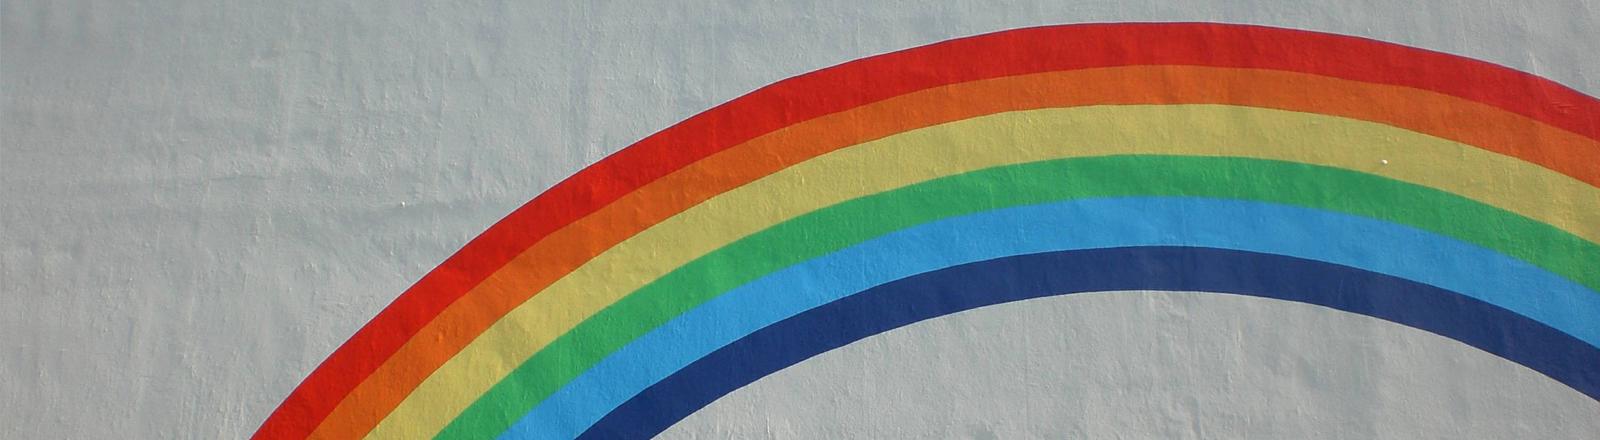 Ein Regenbogen aufgemalt auf einer Mauer